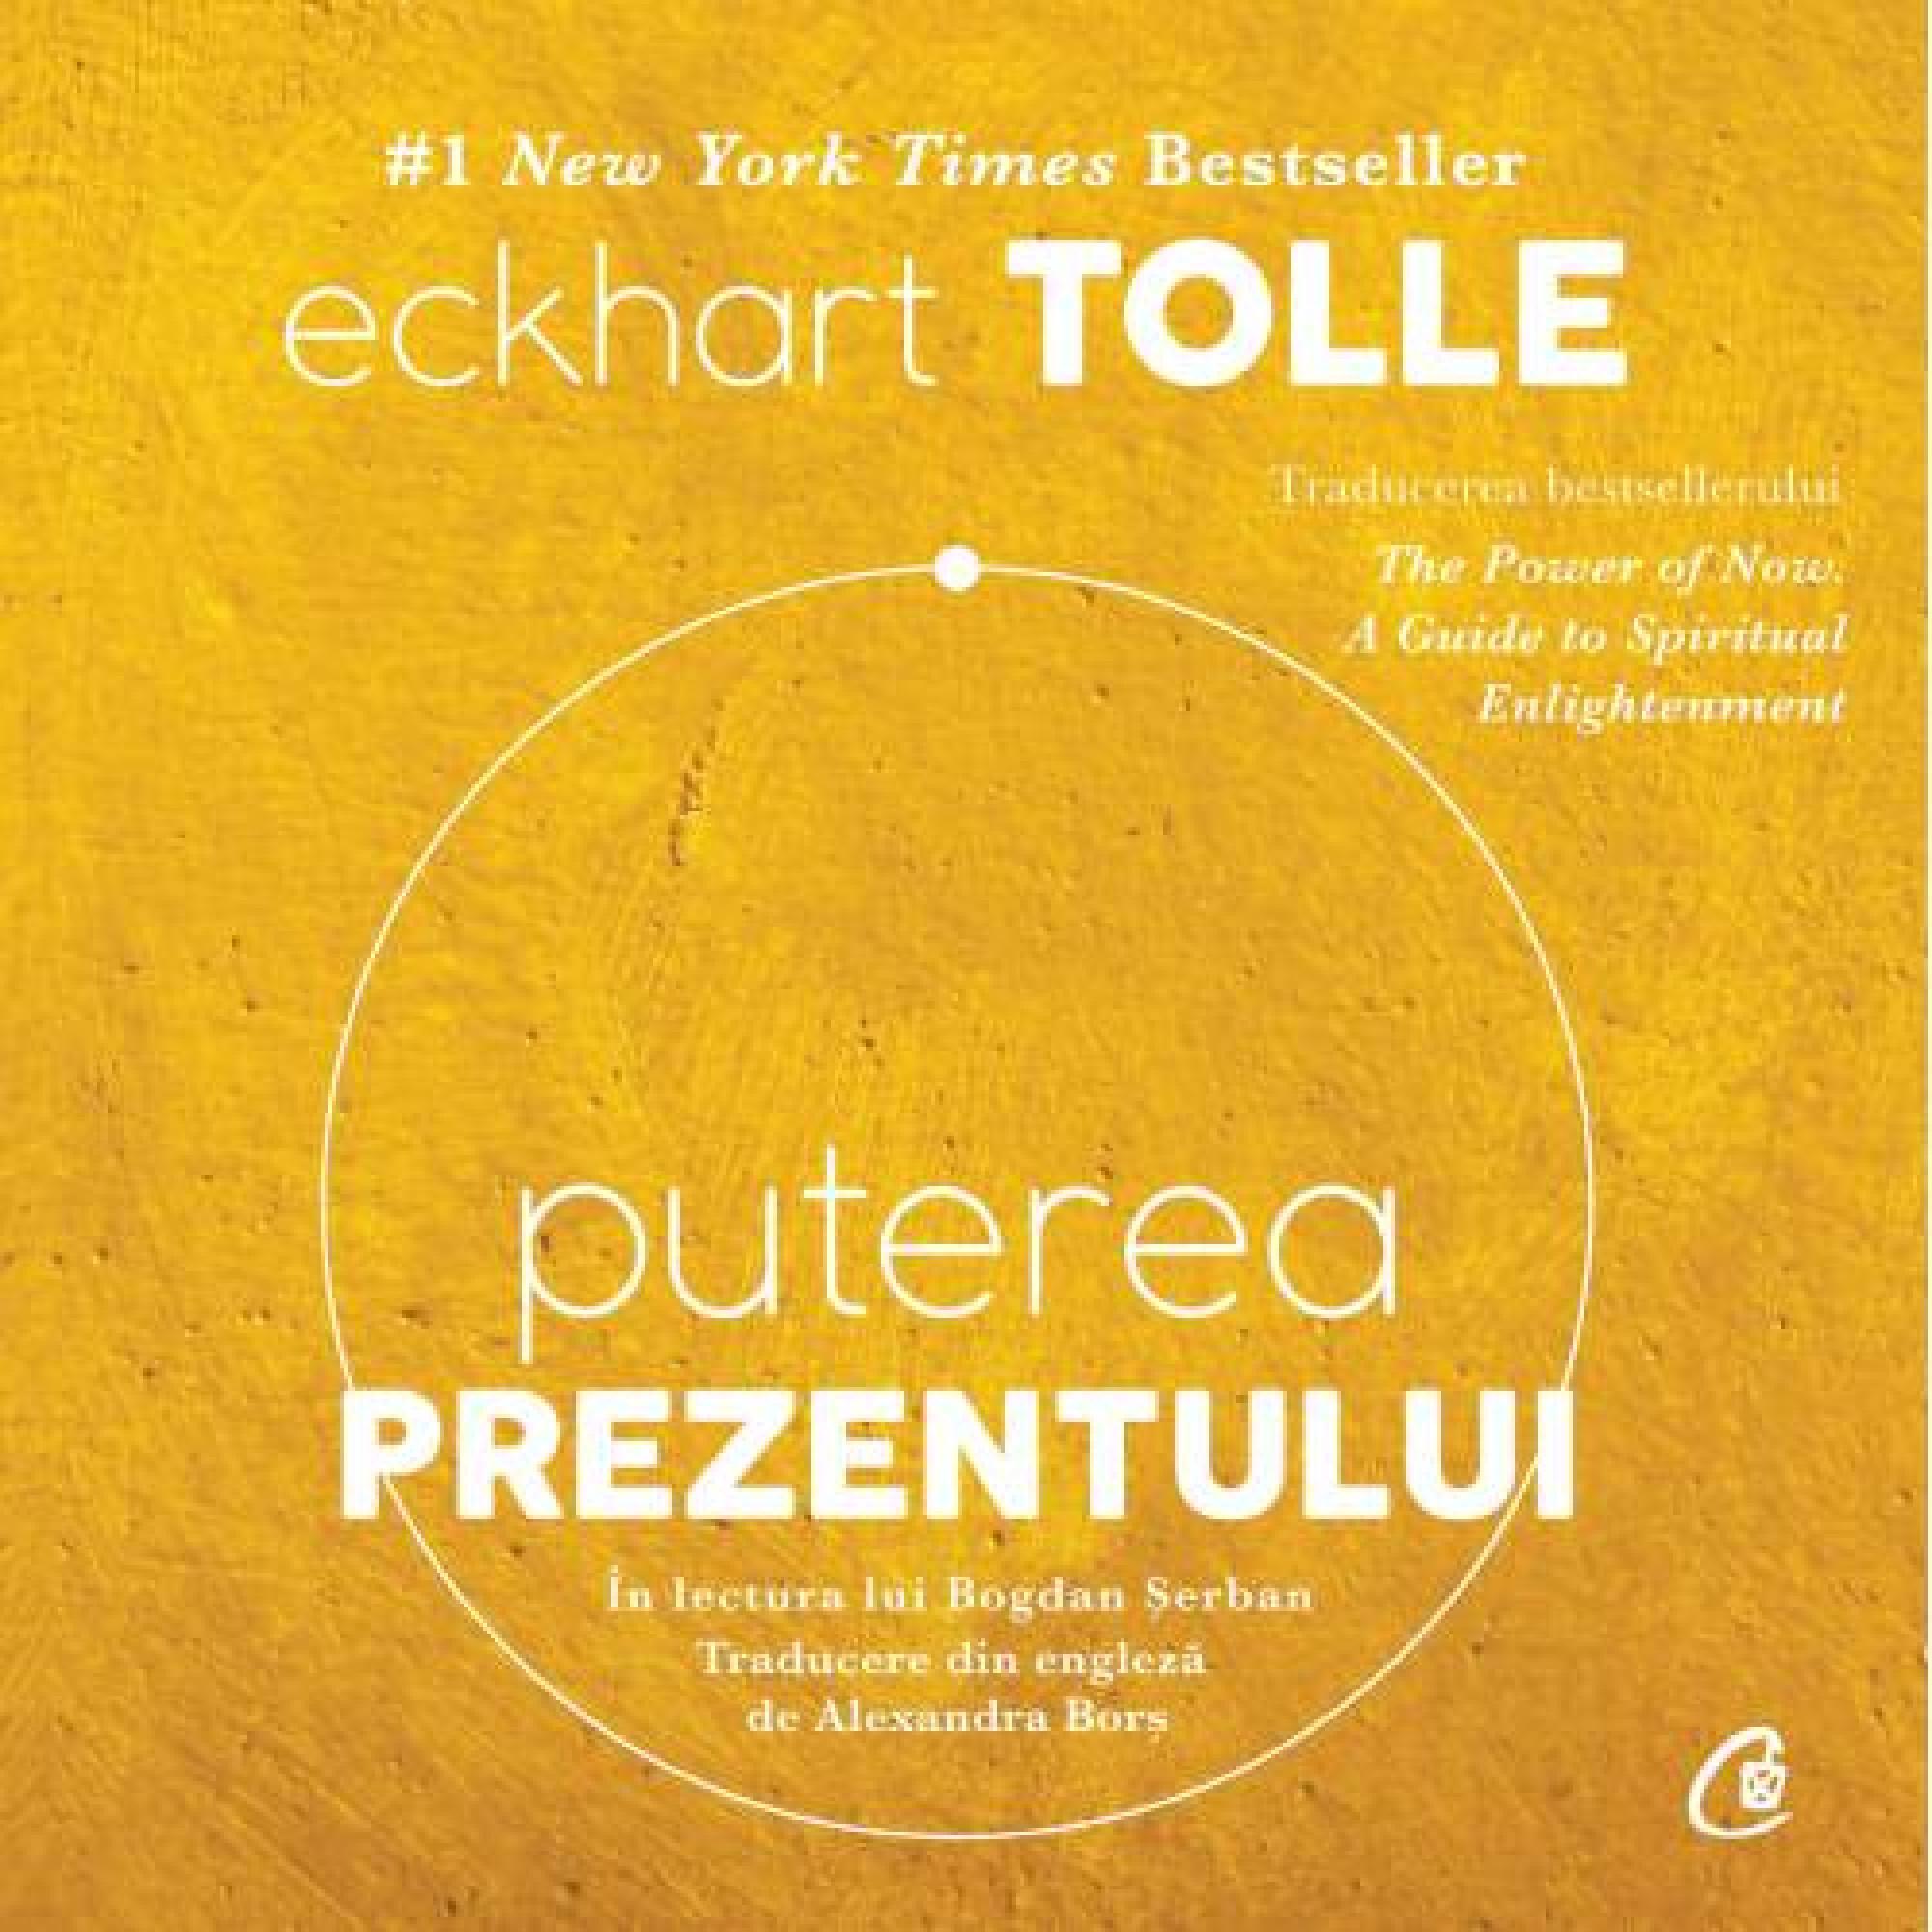 Puterea prezentului; Eckhart Tolle